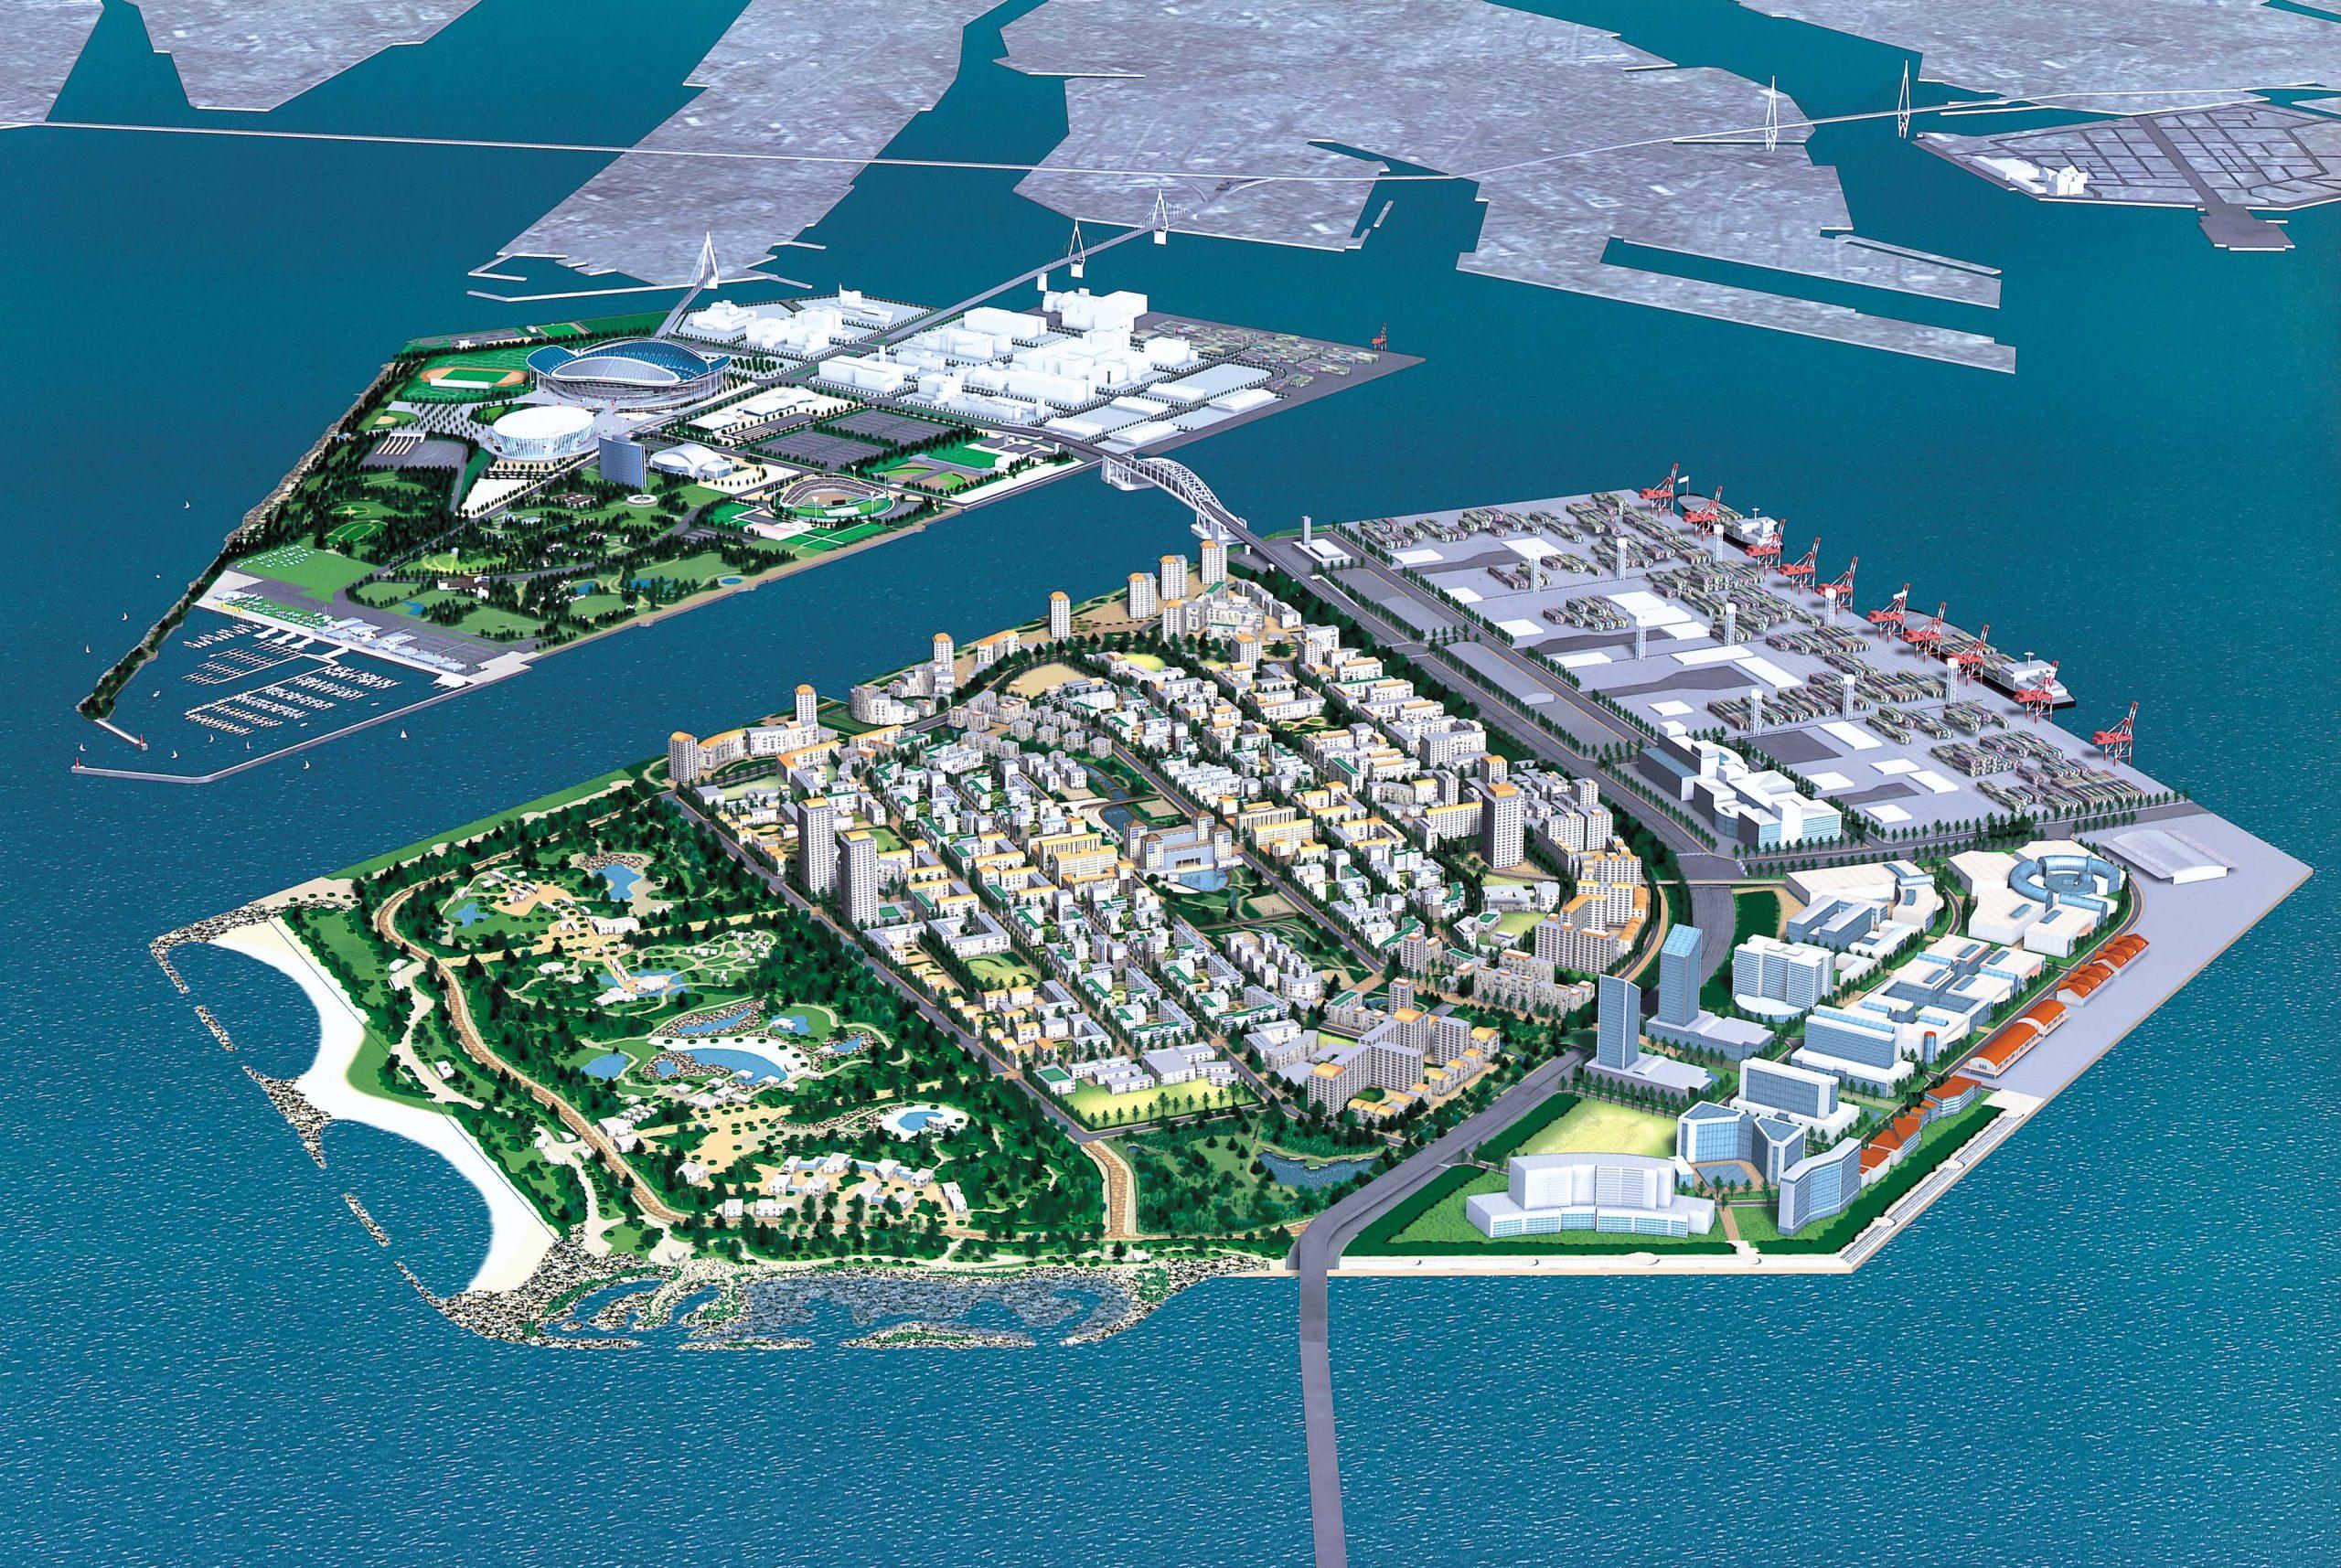 夢洲地区住宅地計画